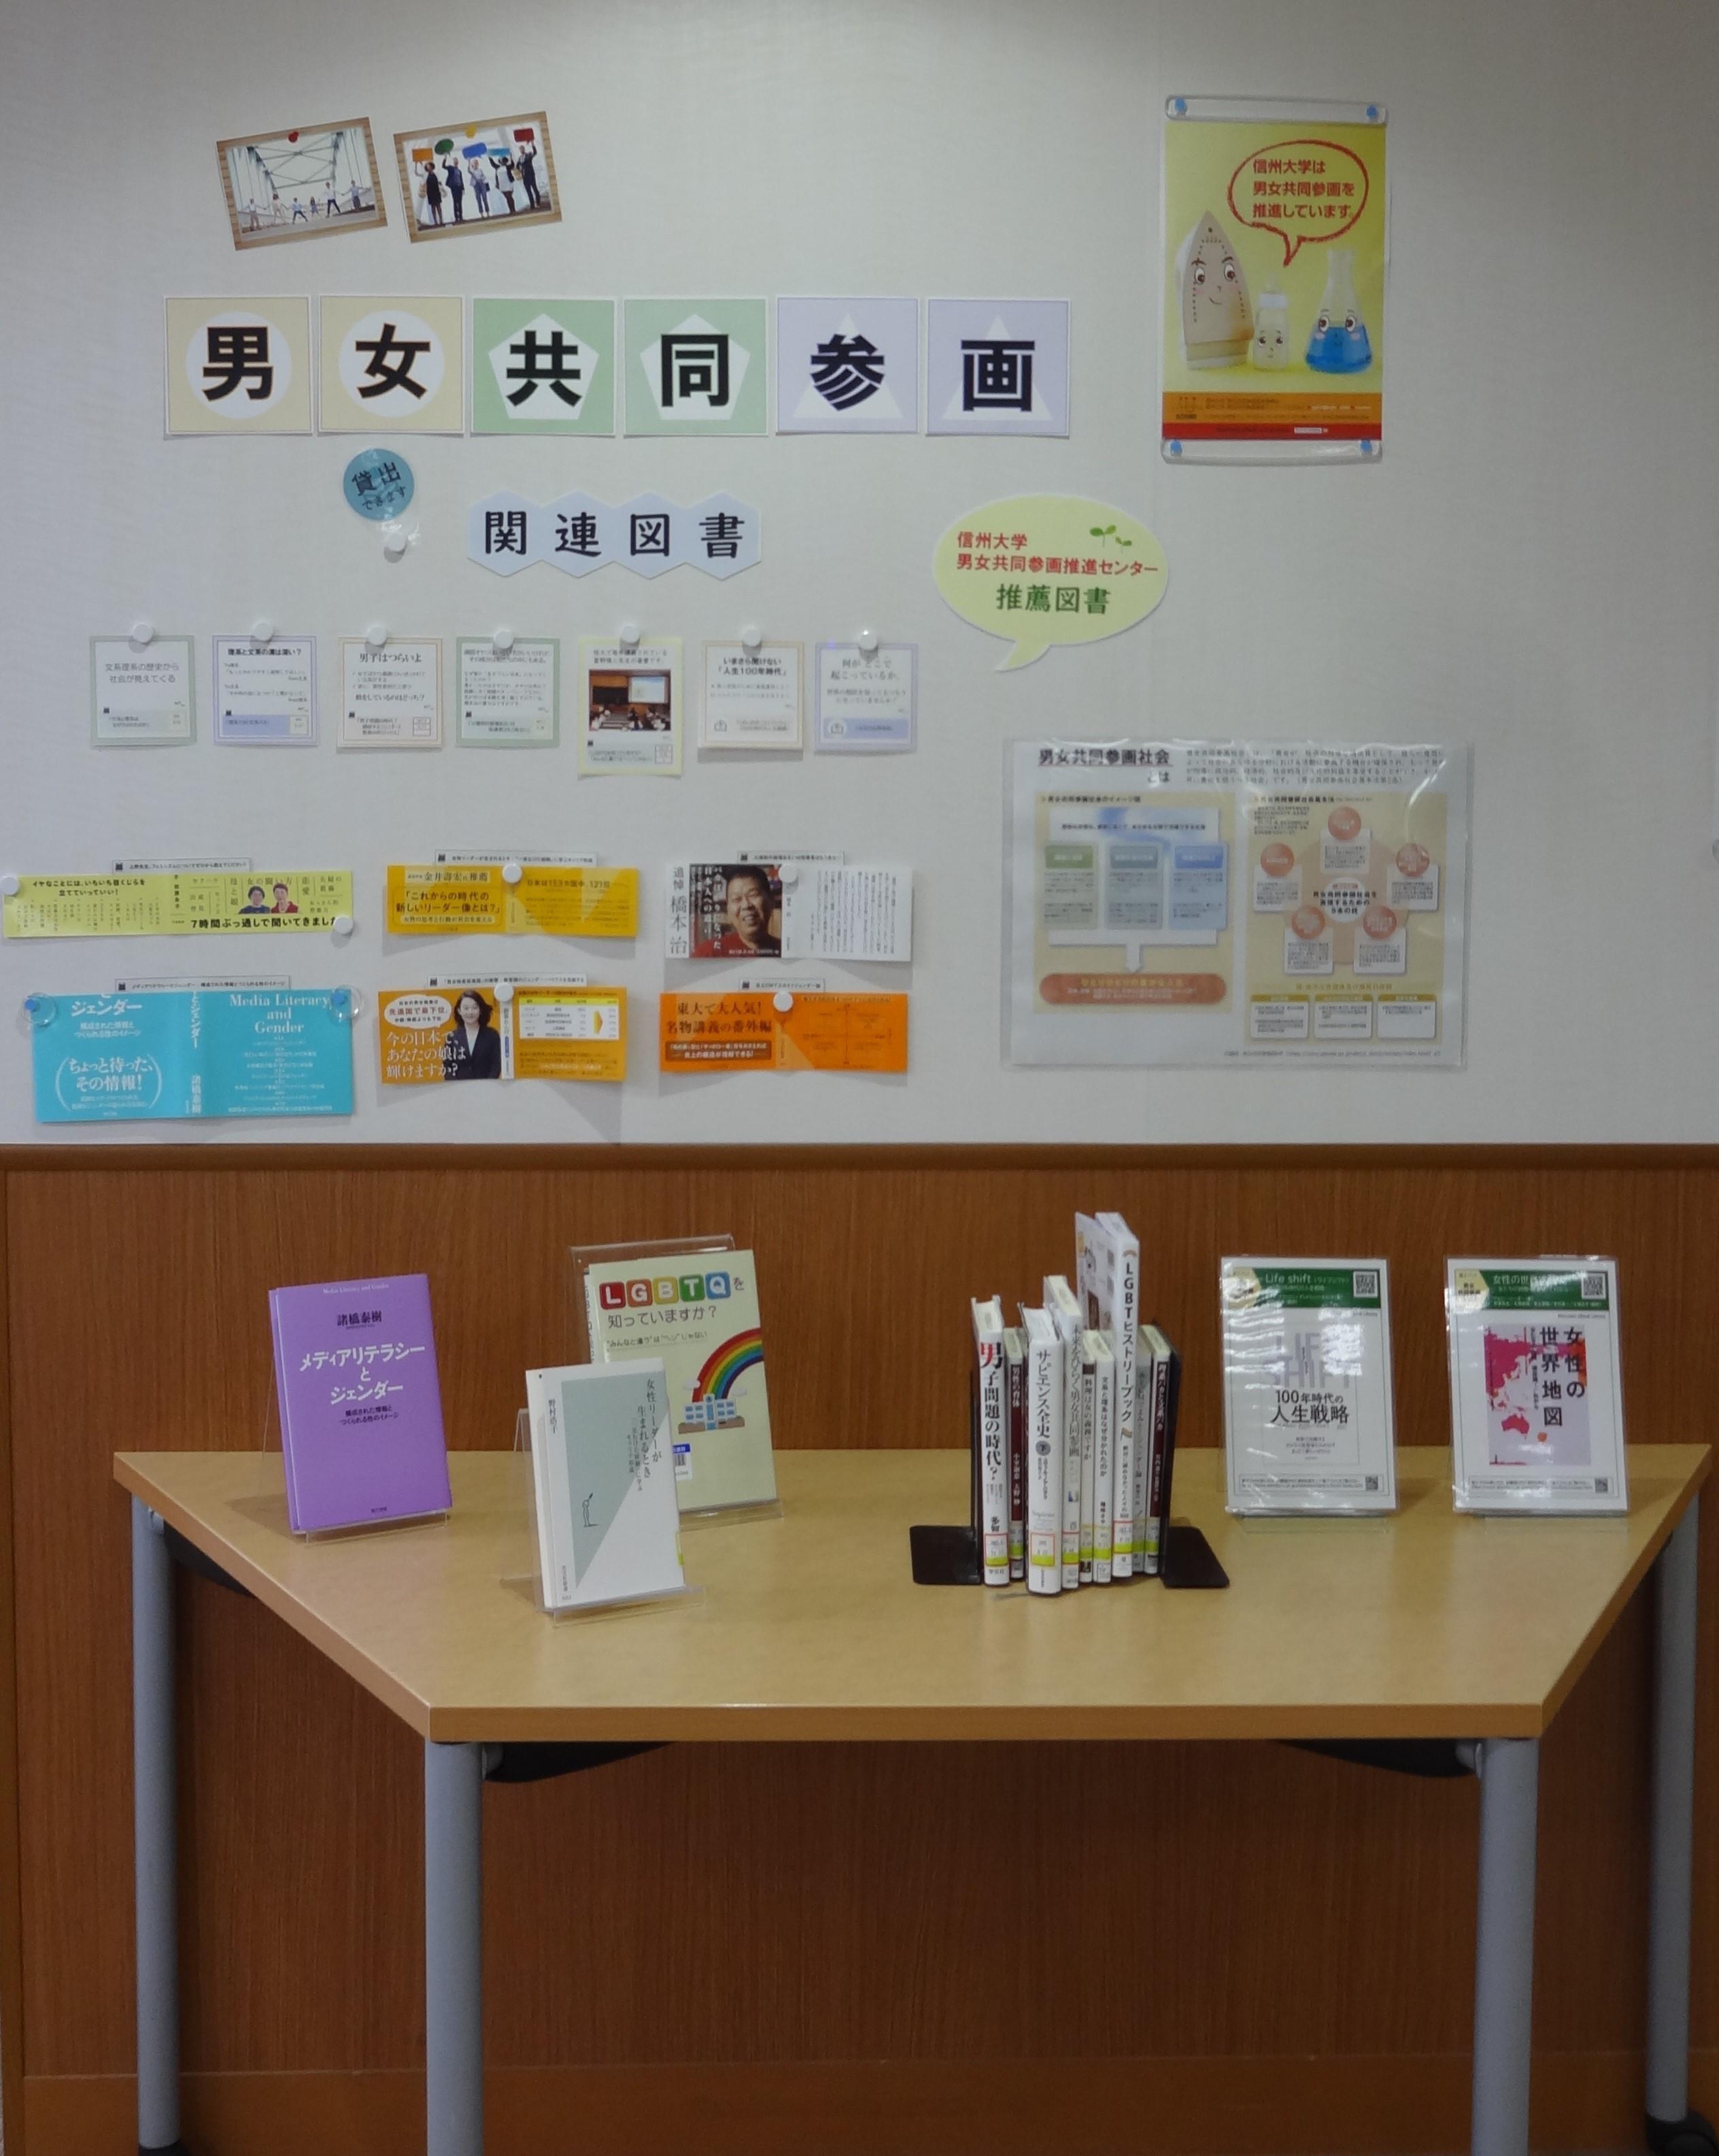 中央図書館にて男女共同参画関連図書の展示が始まりました